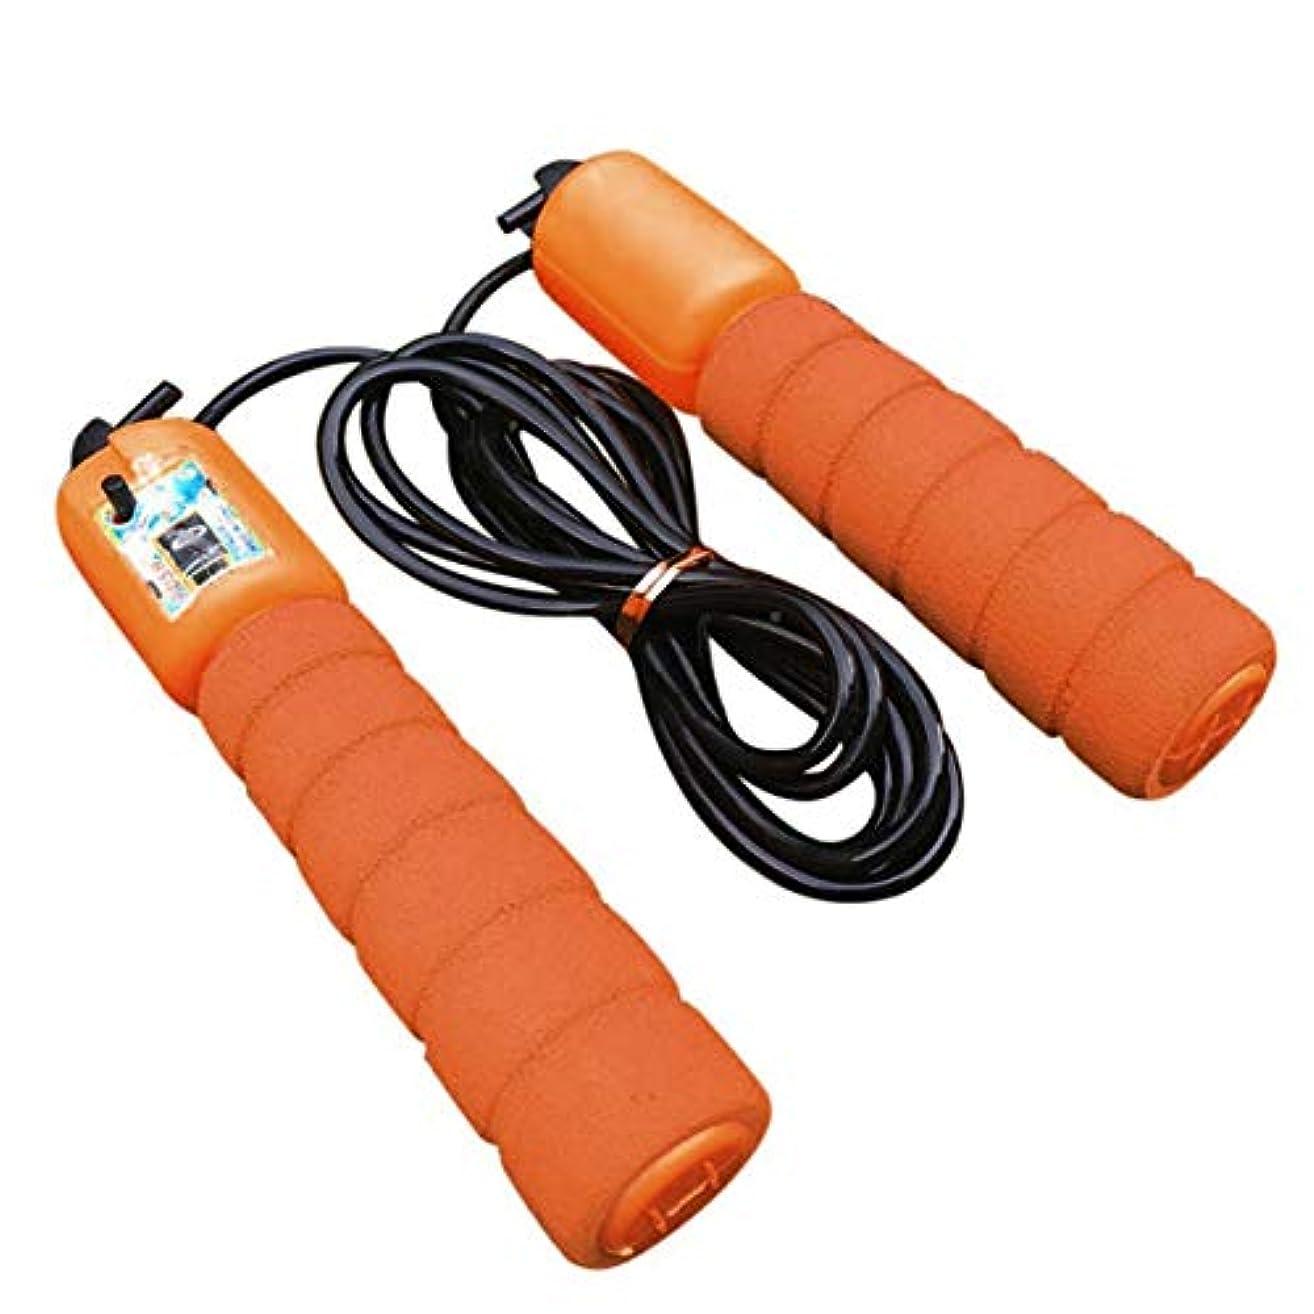 隣接するまつげ険しい調整可能なプロのカウント縄跳び自動カウントジャンプロープフィットネス運動高速カウントジャンプロープ - オレンジ